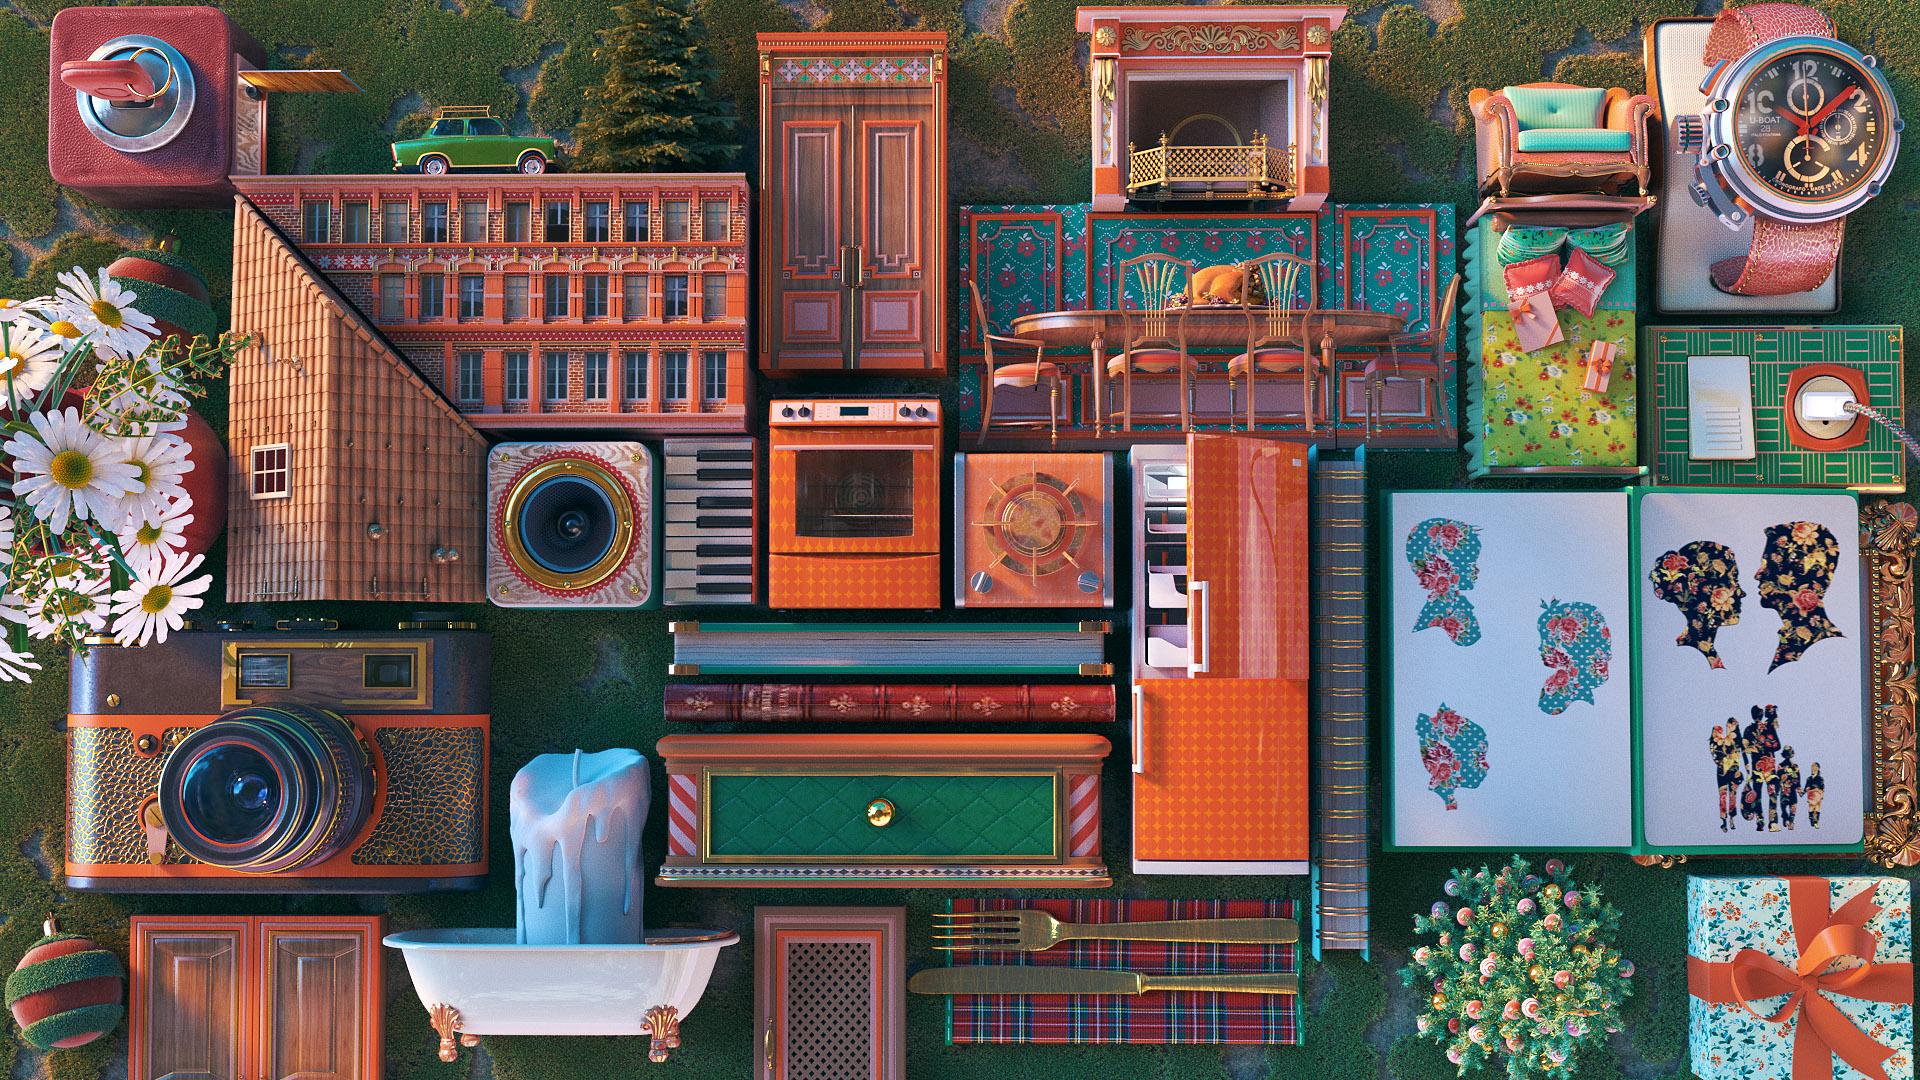 78_roof-studio_vinicius-costa